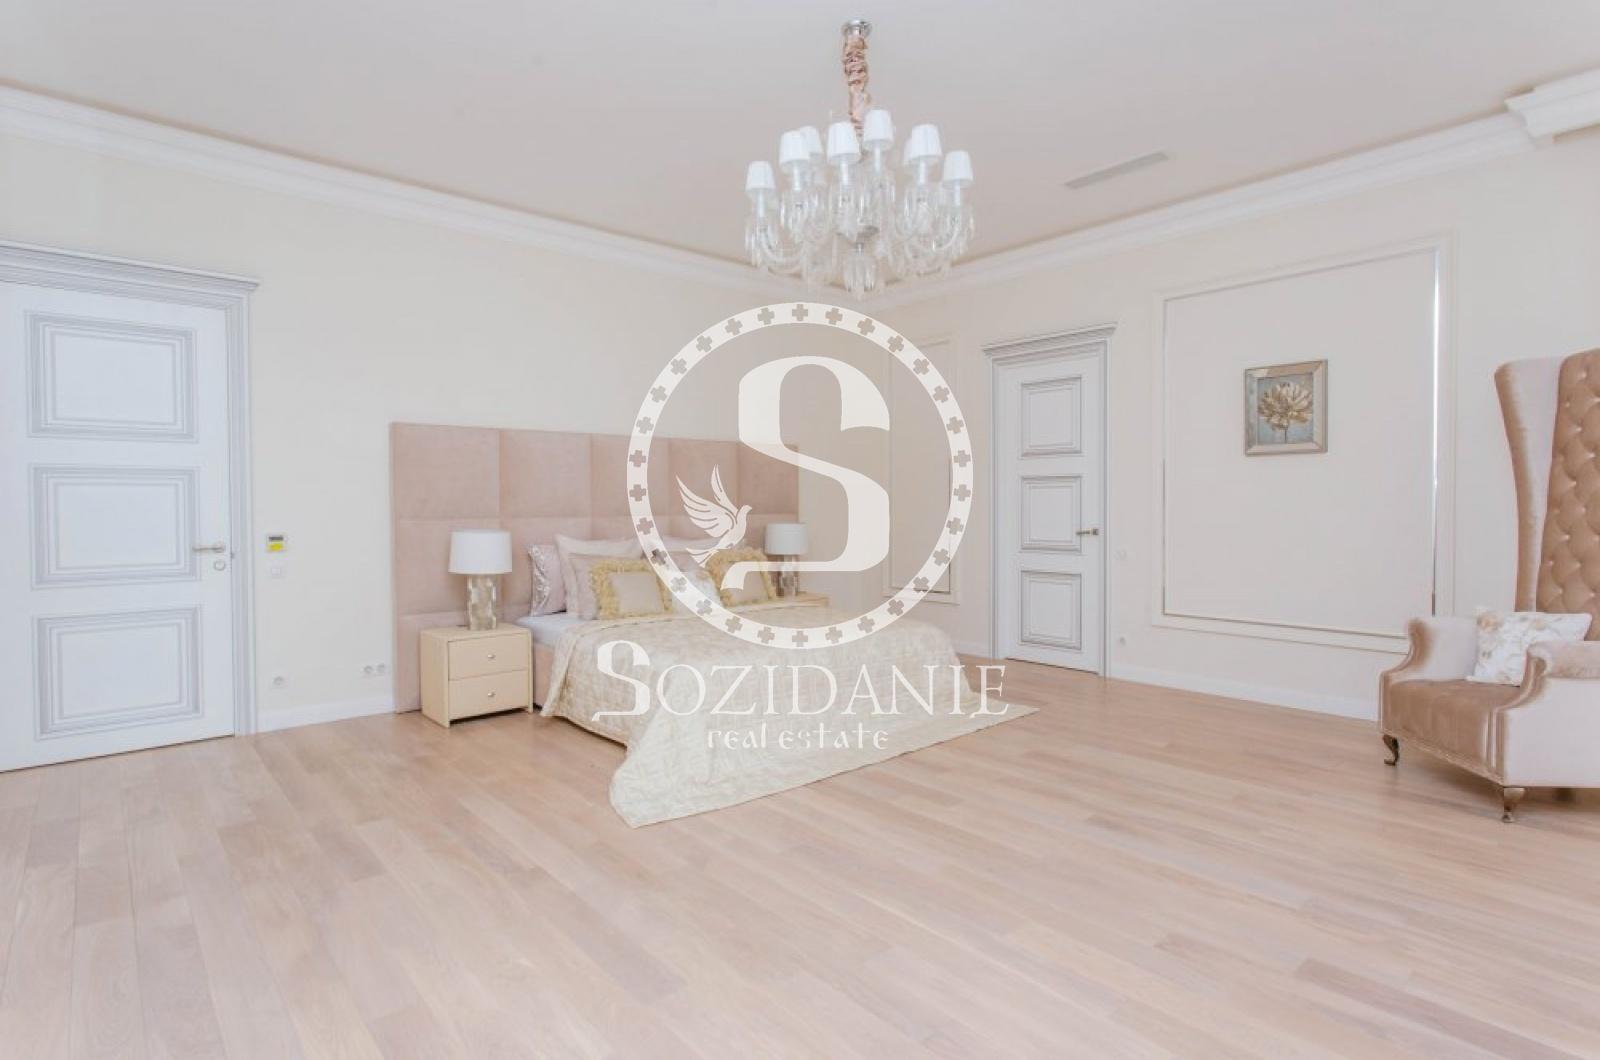 3 Bedrooms, Загородная, Продажа, Listing ID 1280, Московская область, Россия,